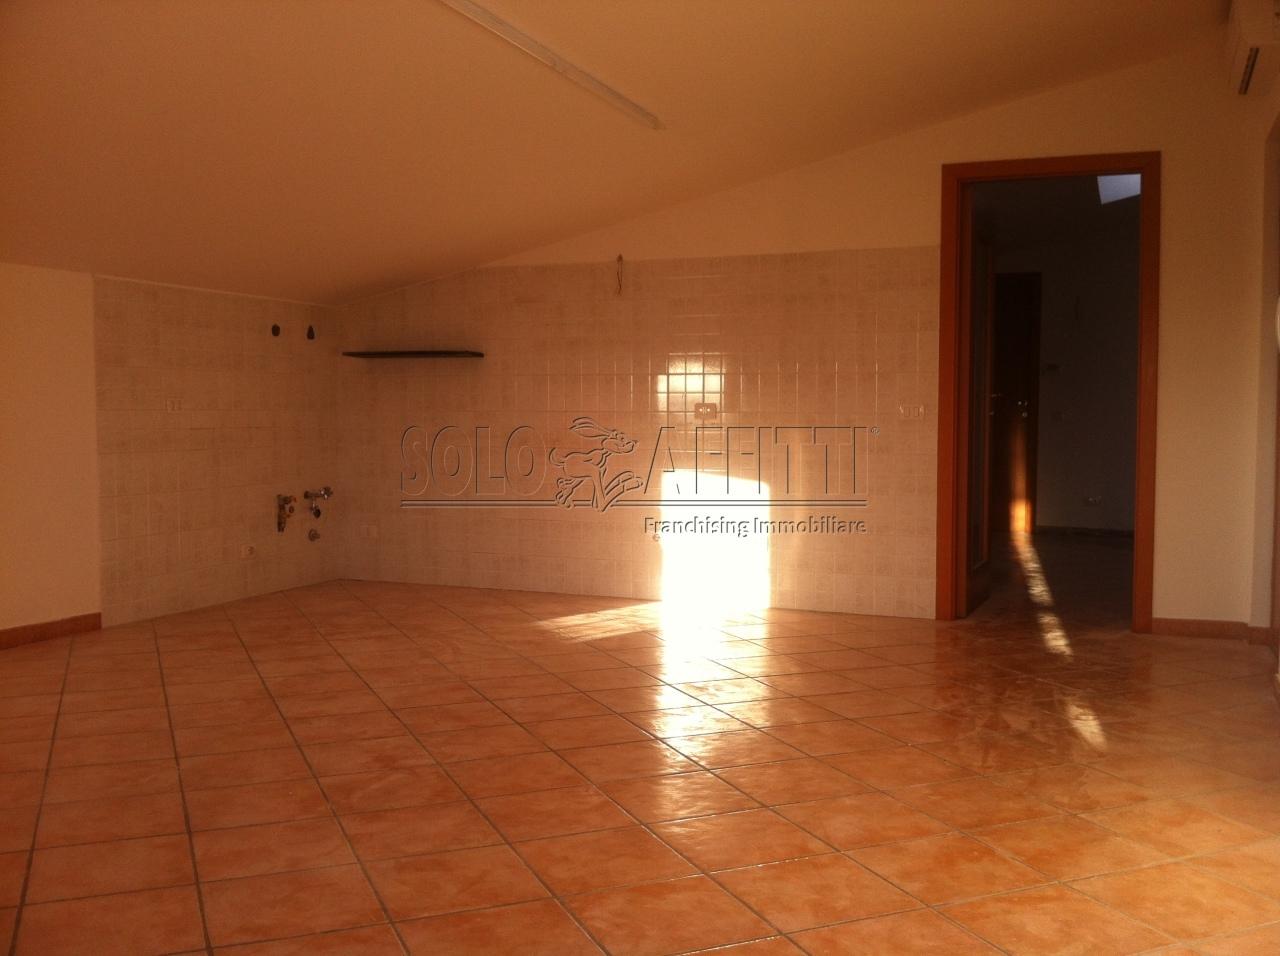 Appartamento in affitto a Montesilvano, 3 locali, prezzo € 400   Cambio Casa.it